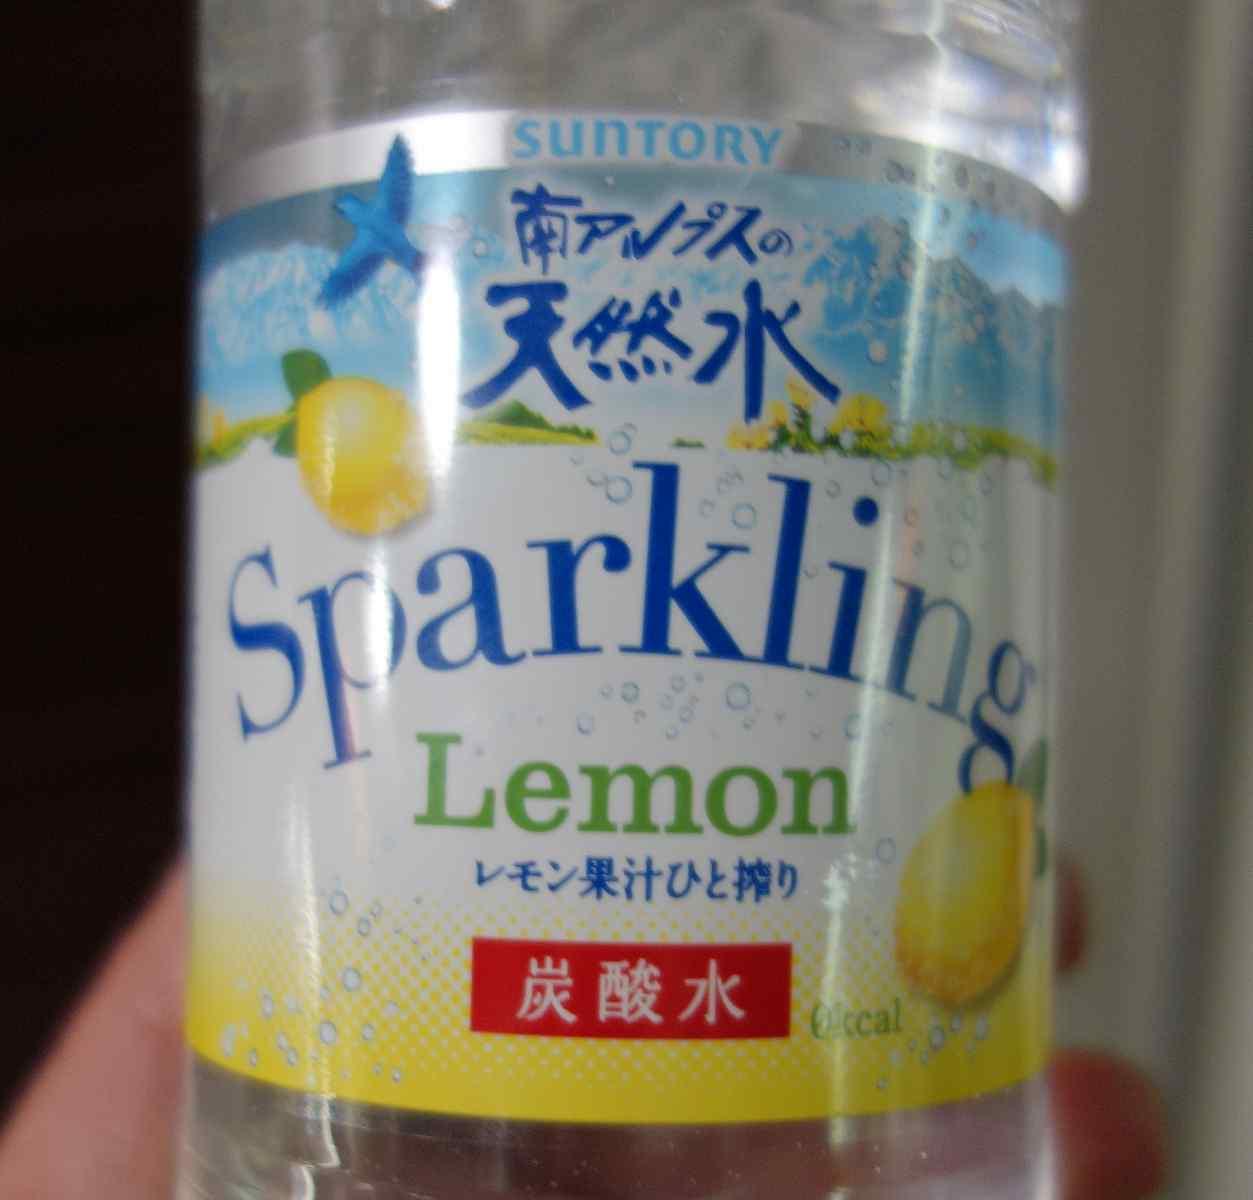 す レモン いろは スパークリング